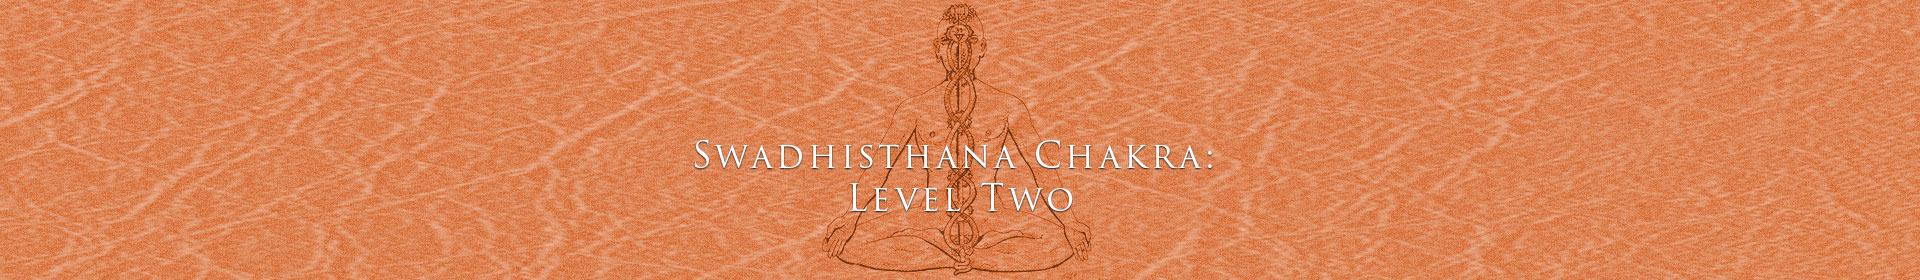 Swadhisthana Chakra: Level Two